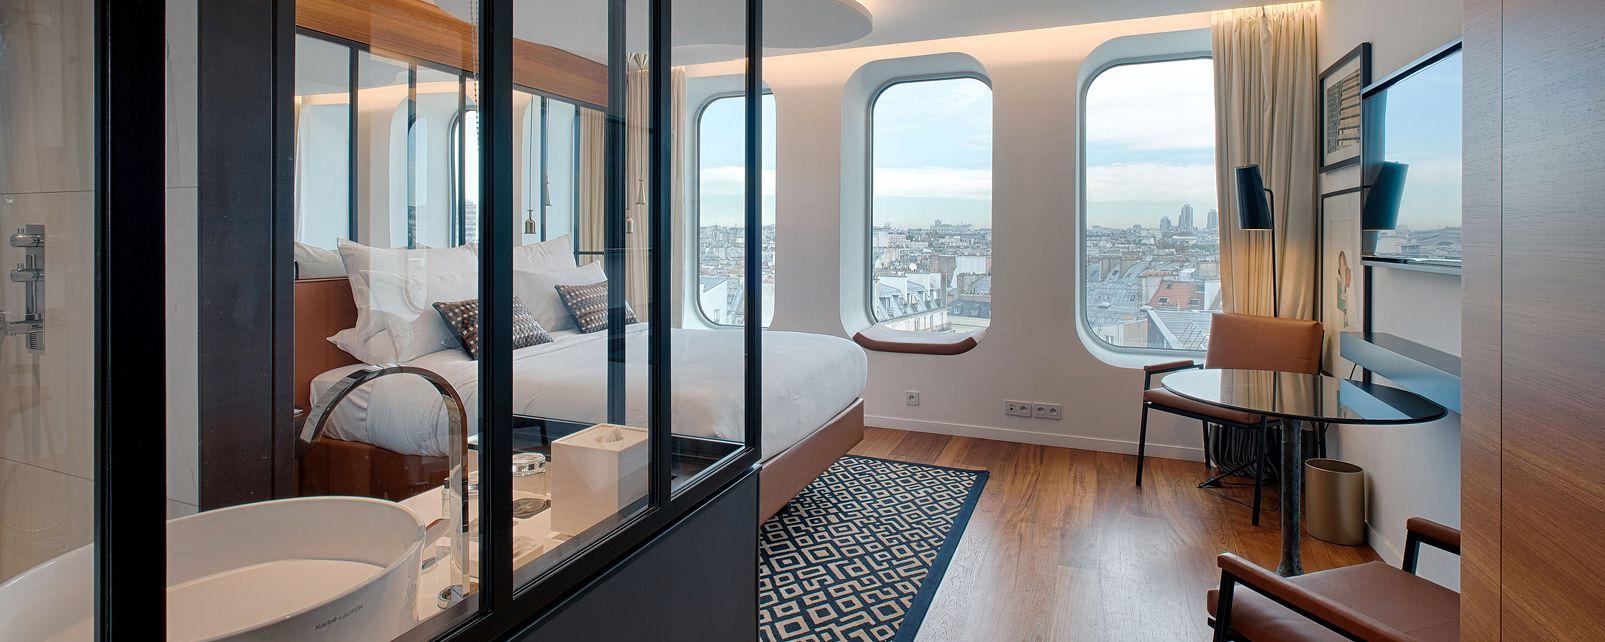 Hôtel Renaissance Paris Republique